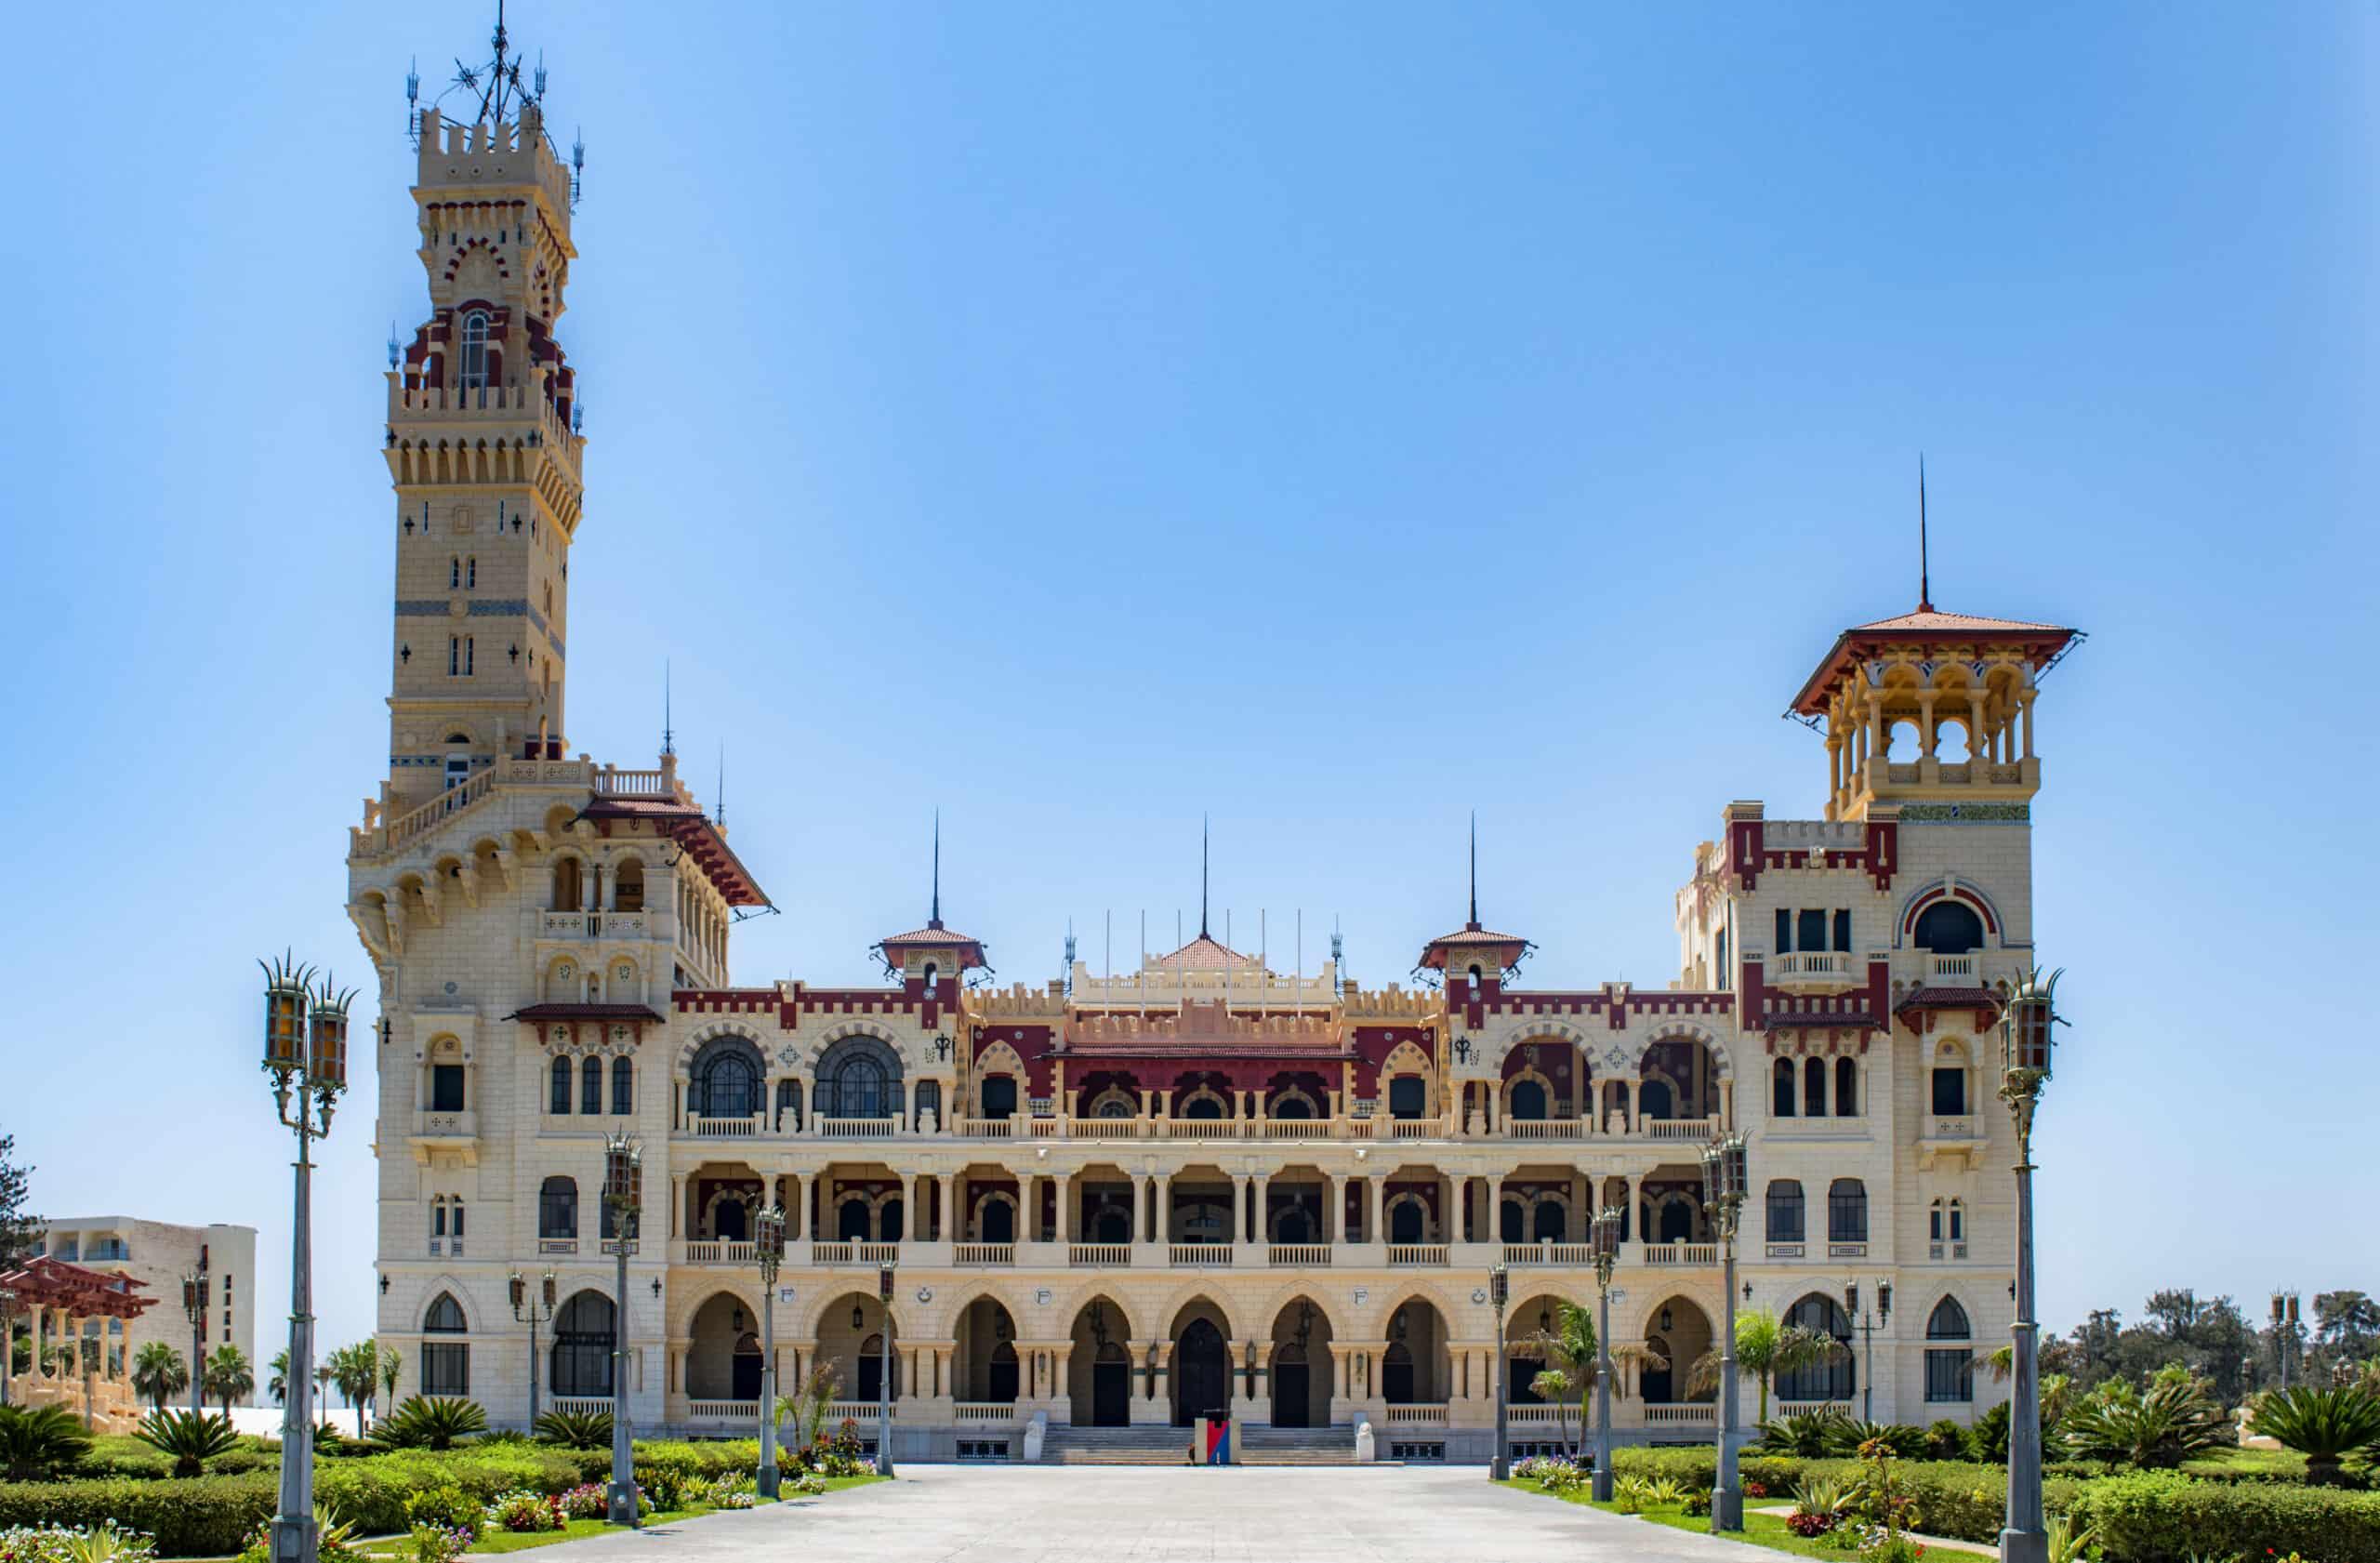 The Al-Haramlik Palace at the Al-Montaza royal gardens, Alexandria, Egypt